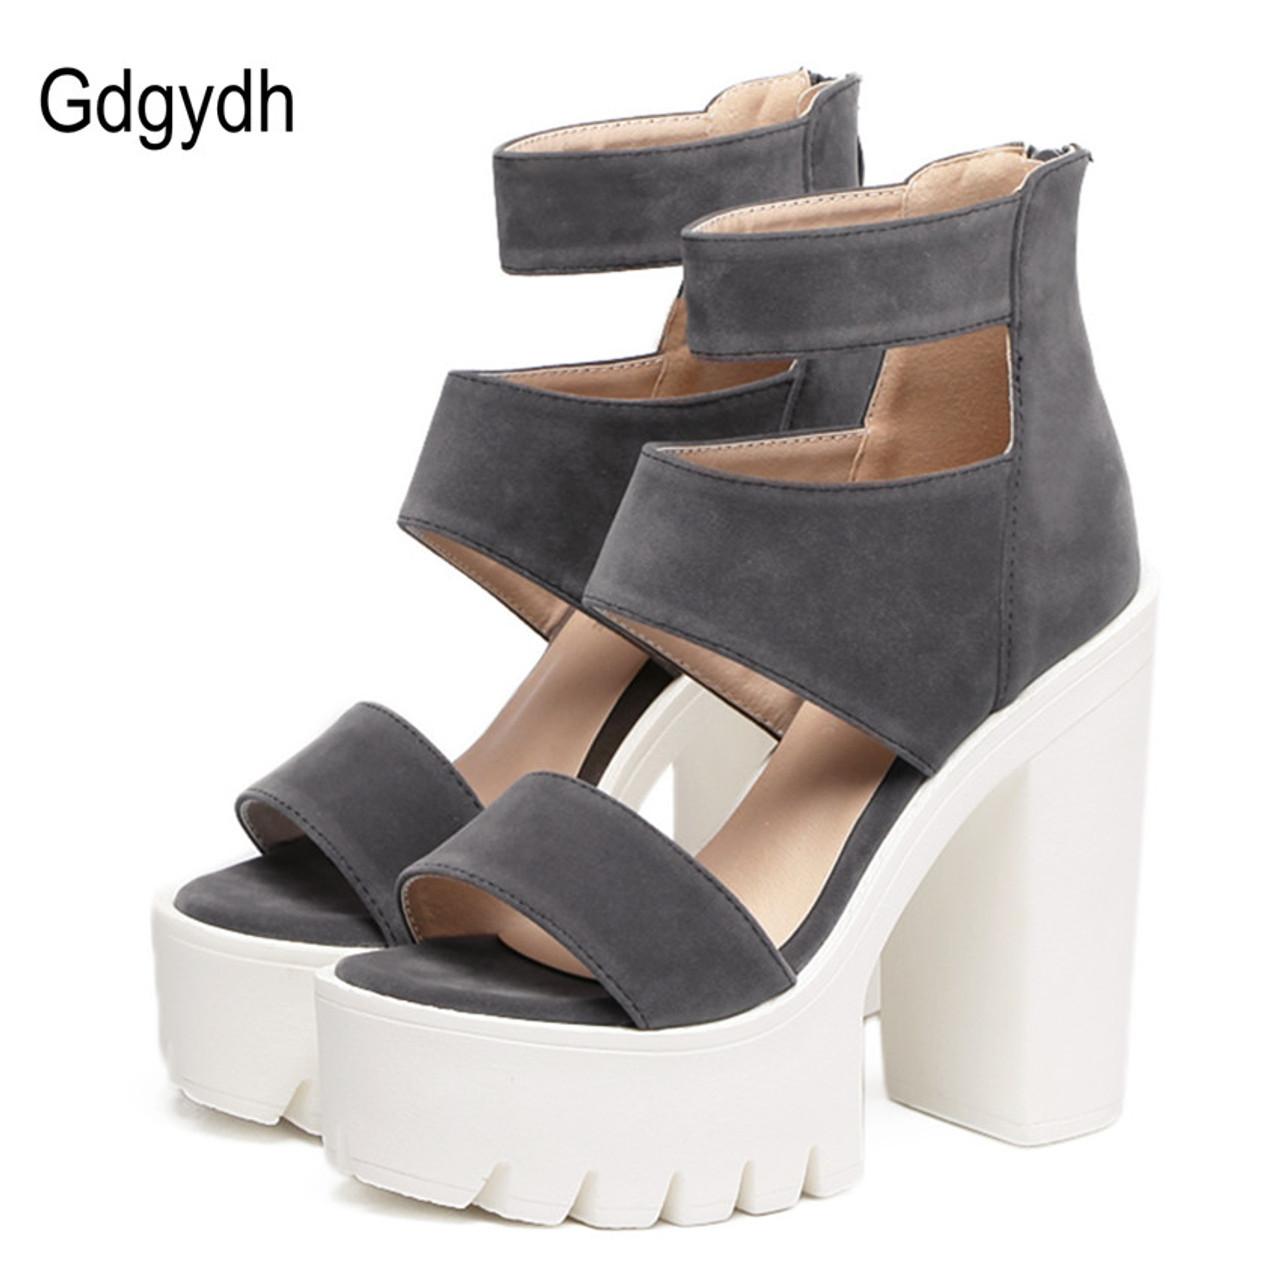 Gdgydh Fashion Summer Shoes Gladiator